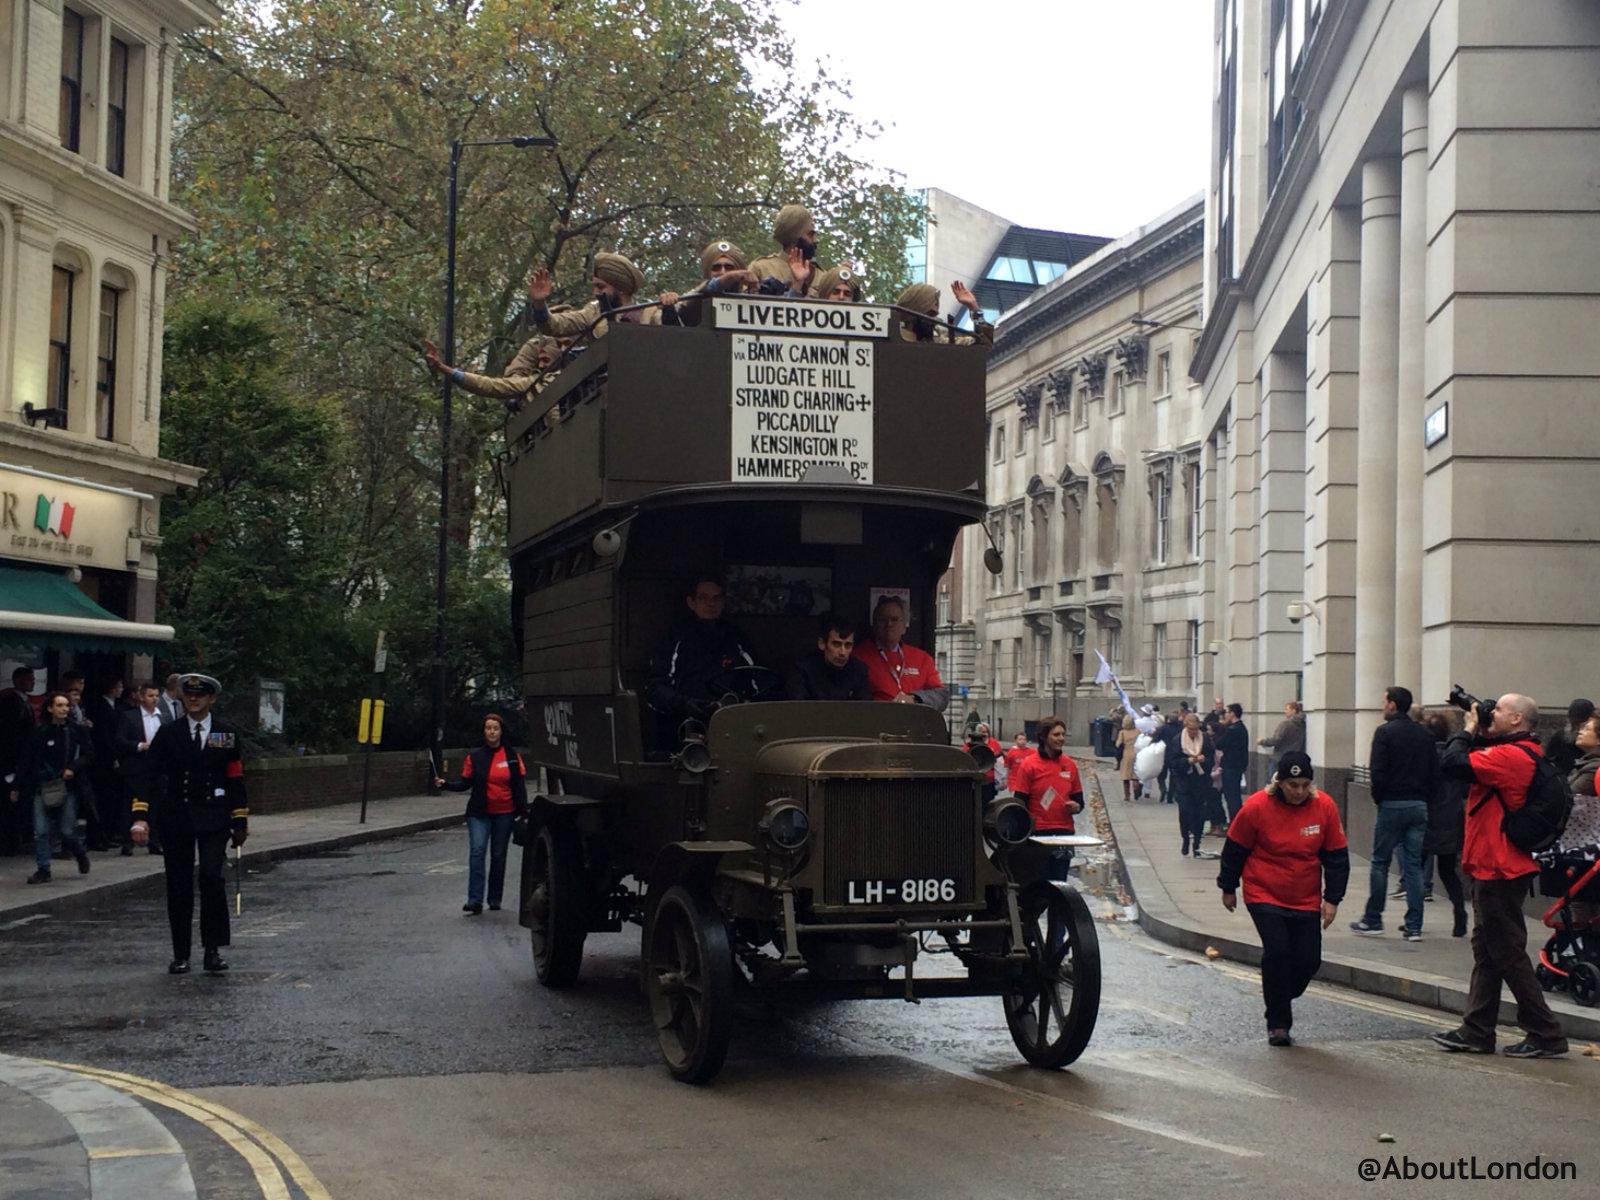 The Battle Bus